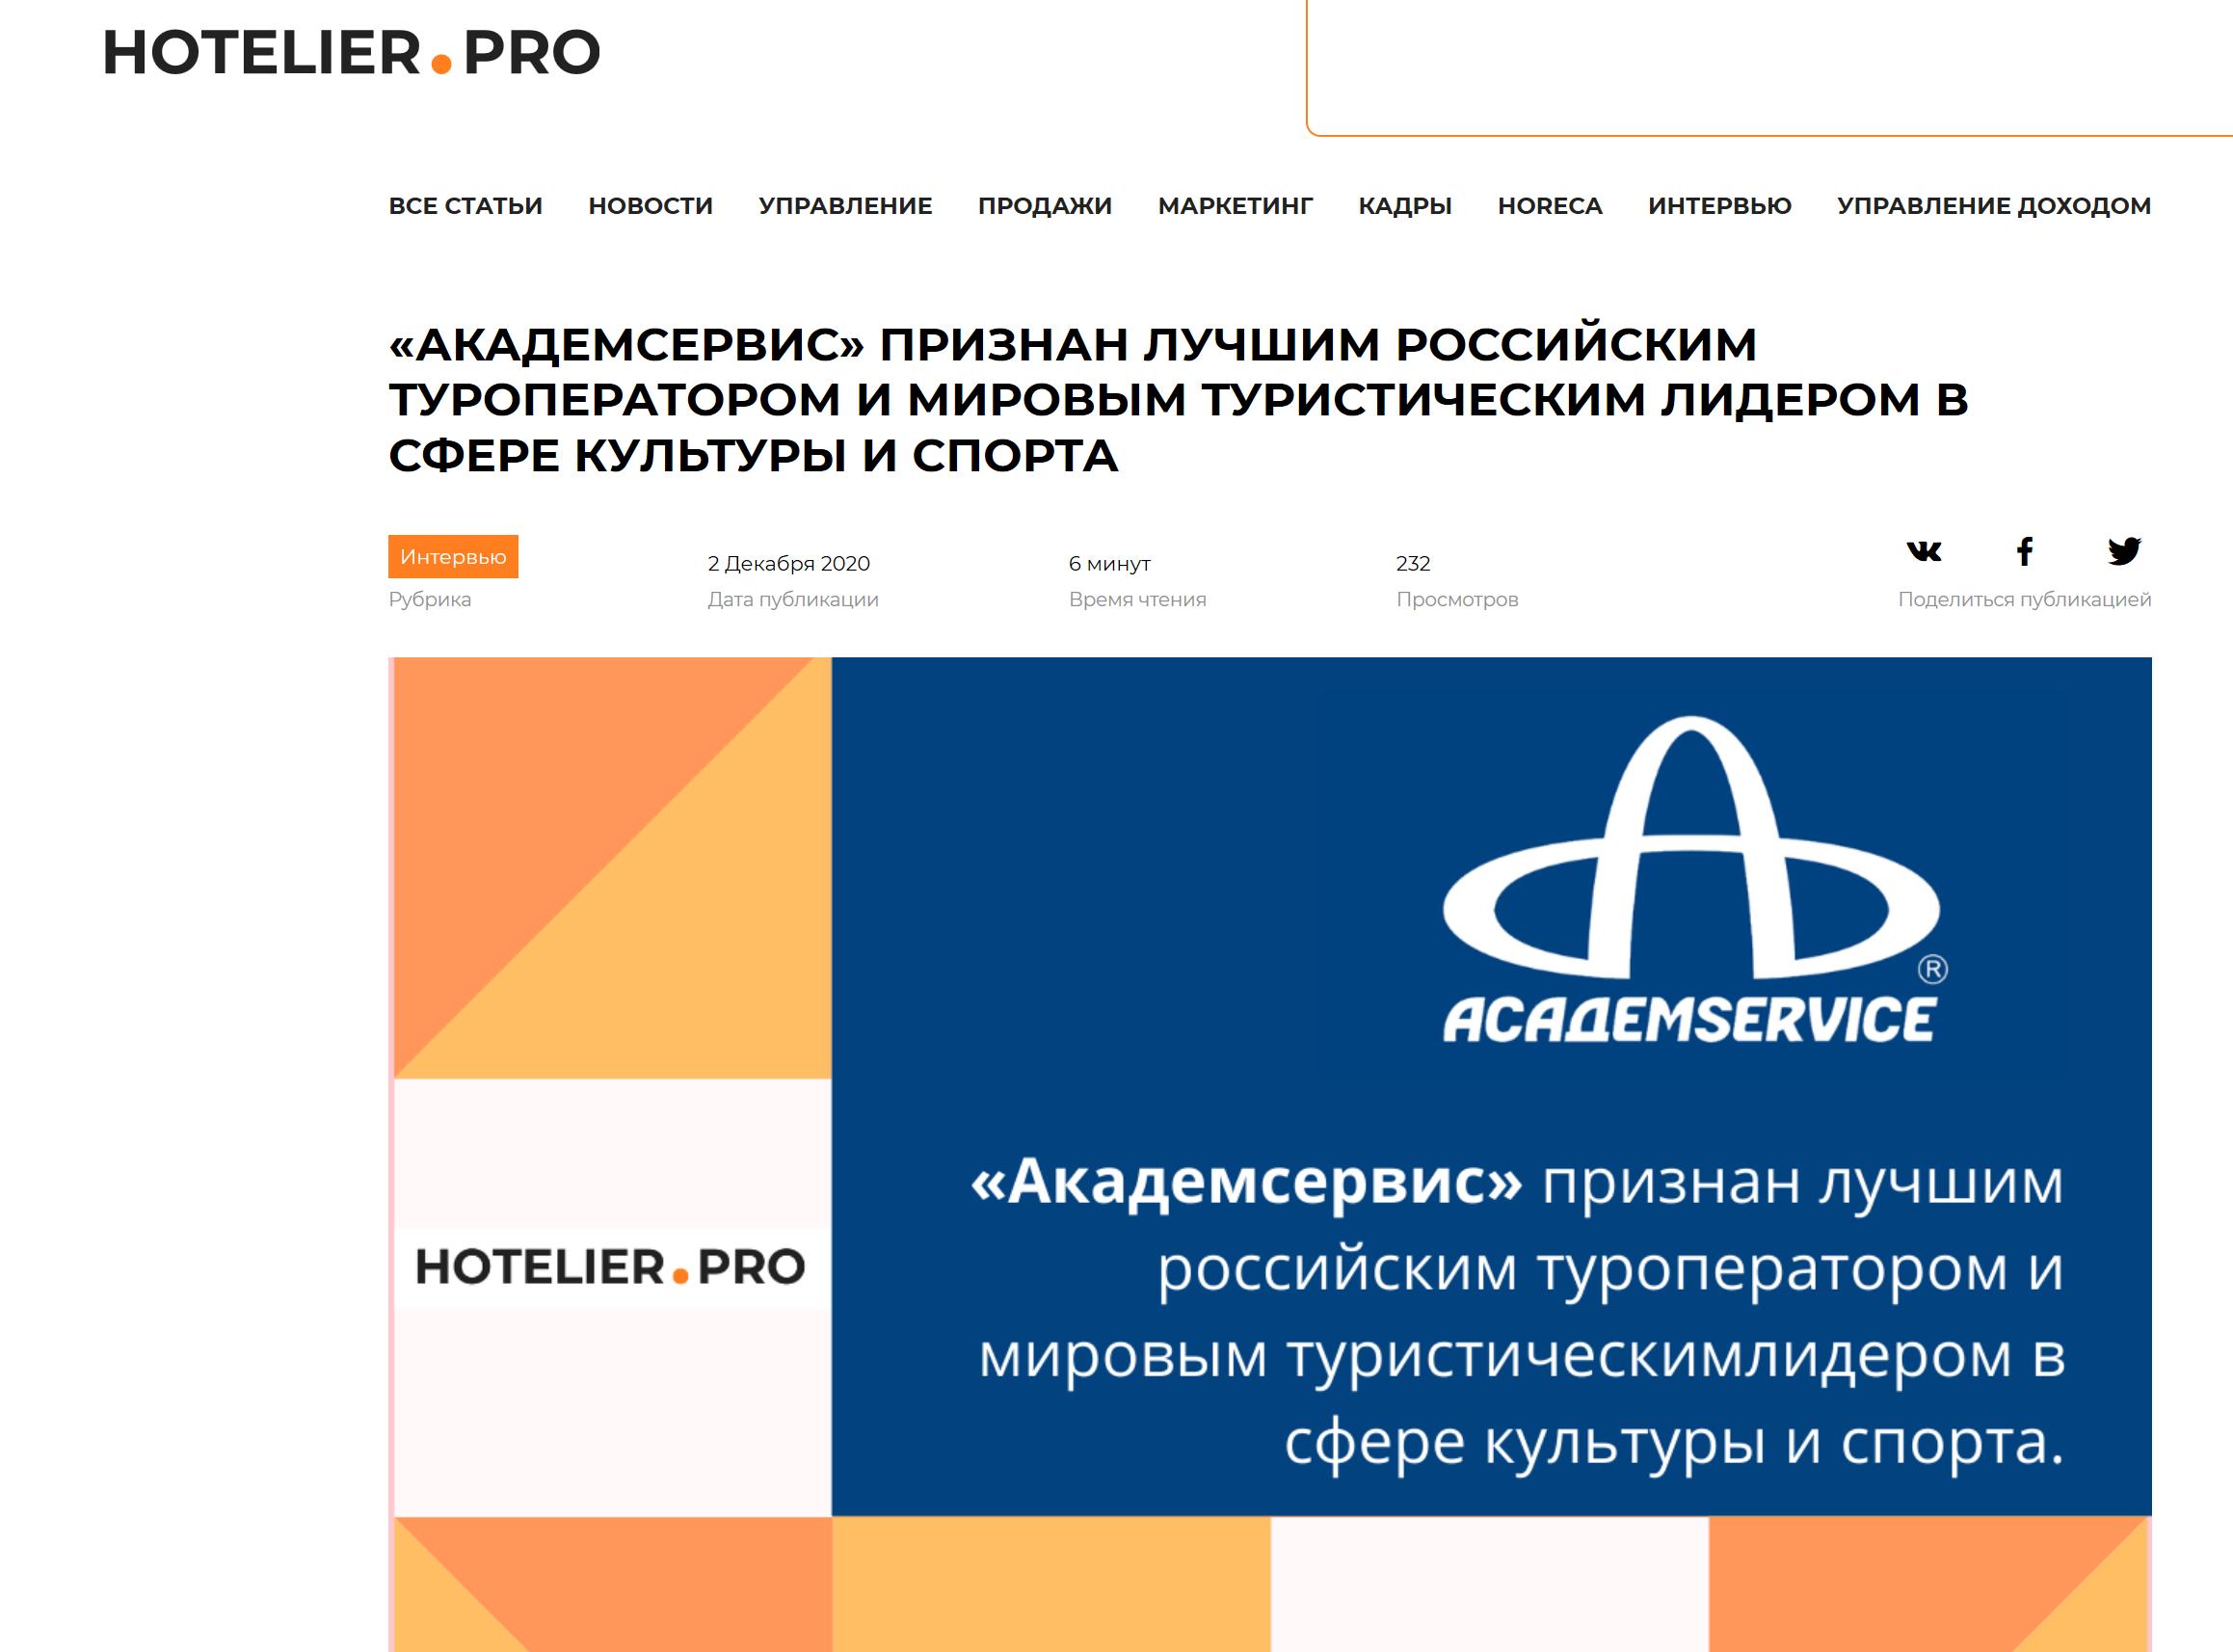 Hotelier.pro, www.hotelier.pro, 02.12.2020